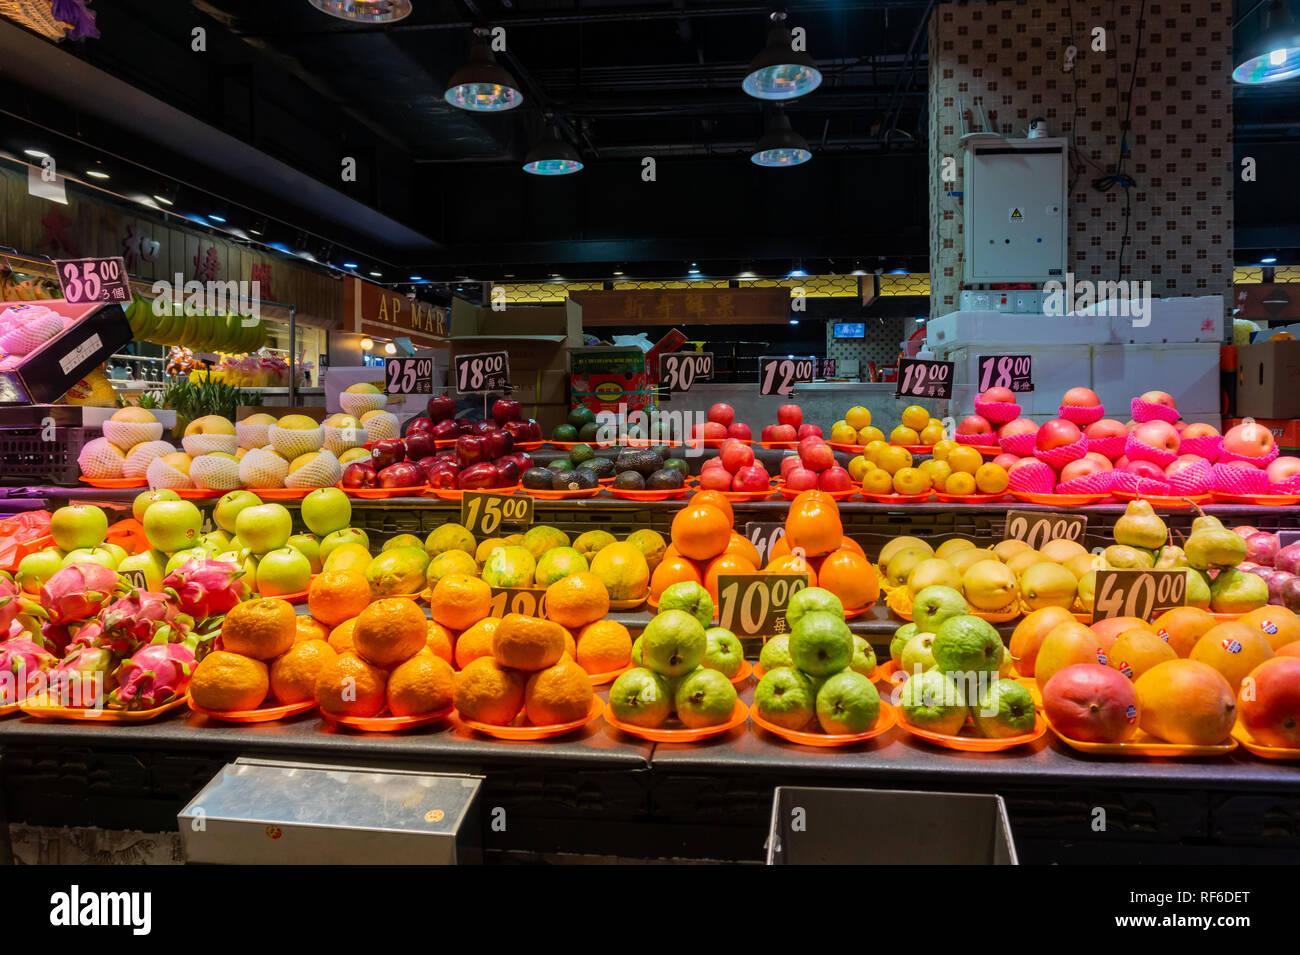 Hong Kong, DEC 31: Many kinds of fruits selling in the Hong Kong Market - Yat Tung on DEC 31, 2018 at Hong Kong - Stock Image